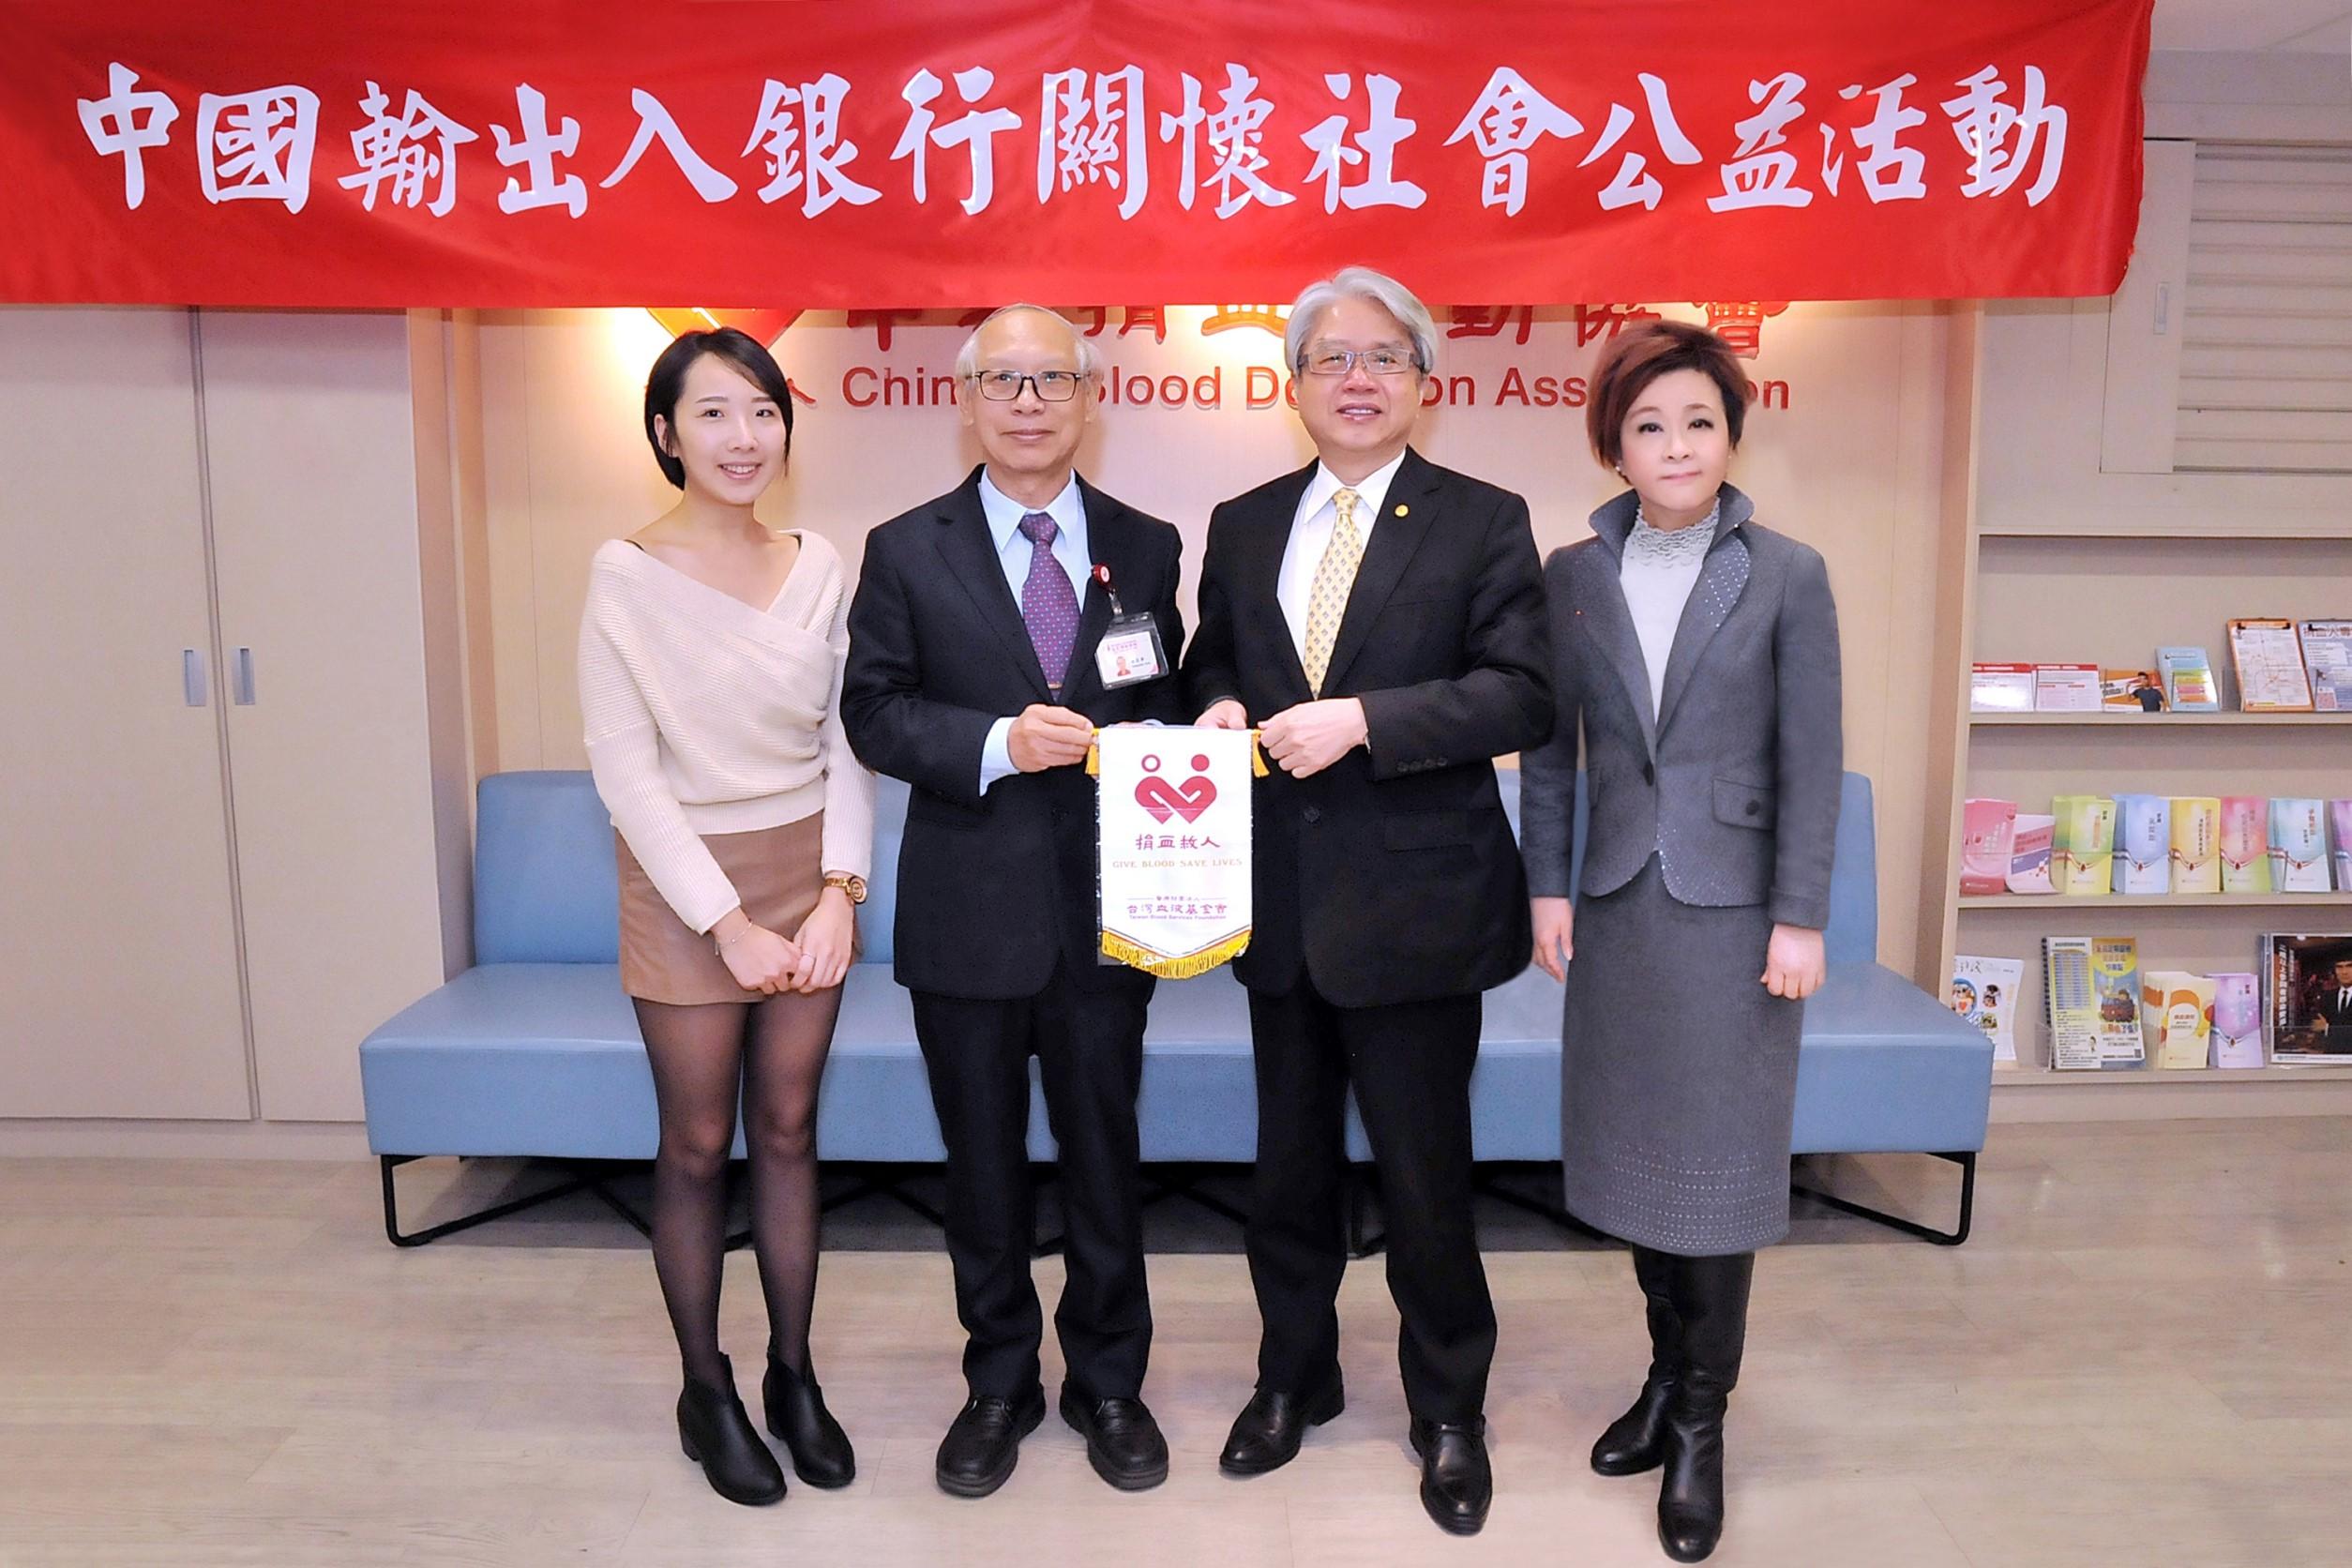 圖片說明-輸出入銀行與醫療財團法人臺灣血液基金會合作 捐血有愛,無可取代